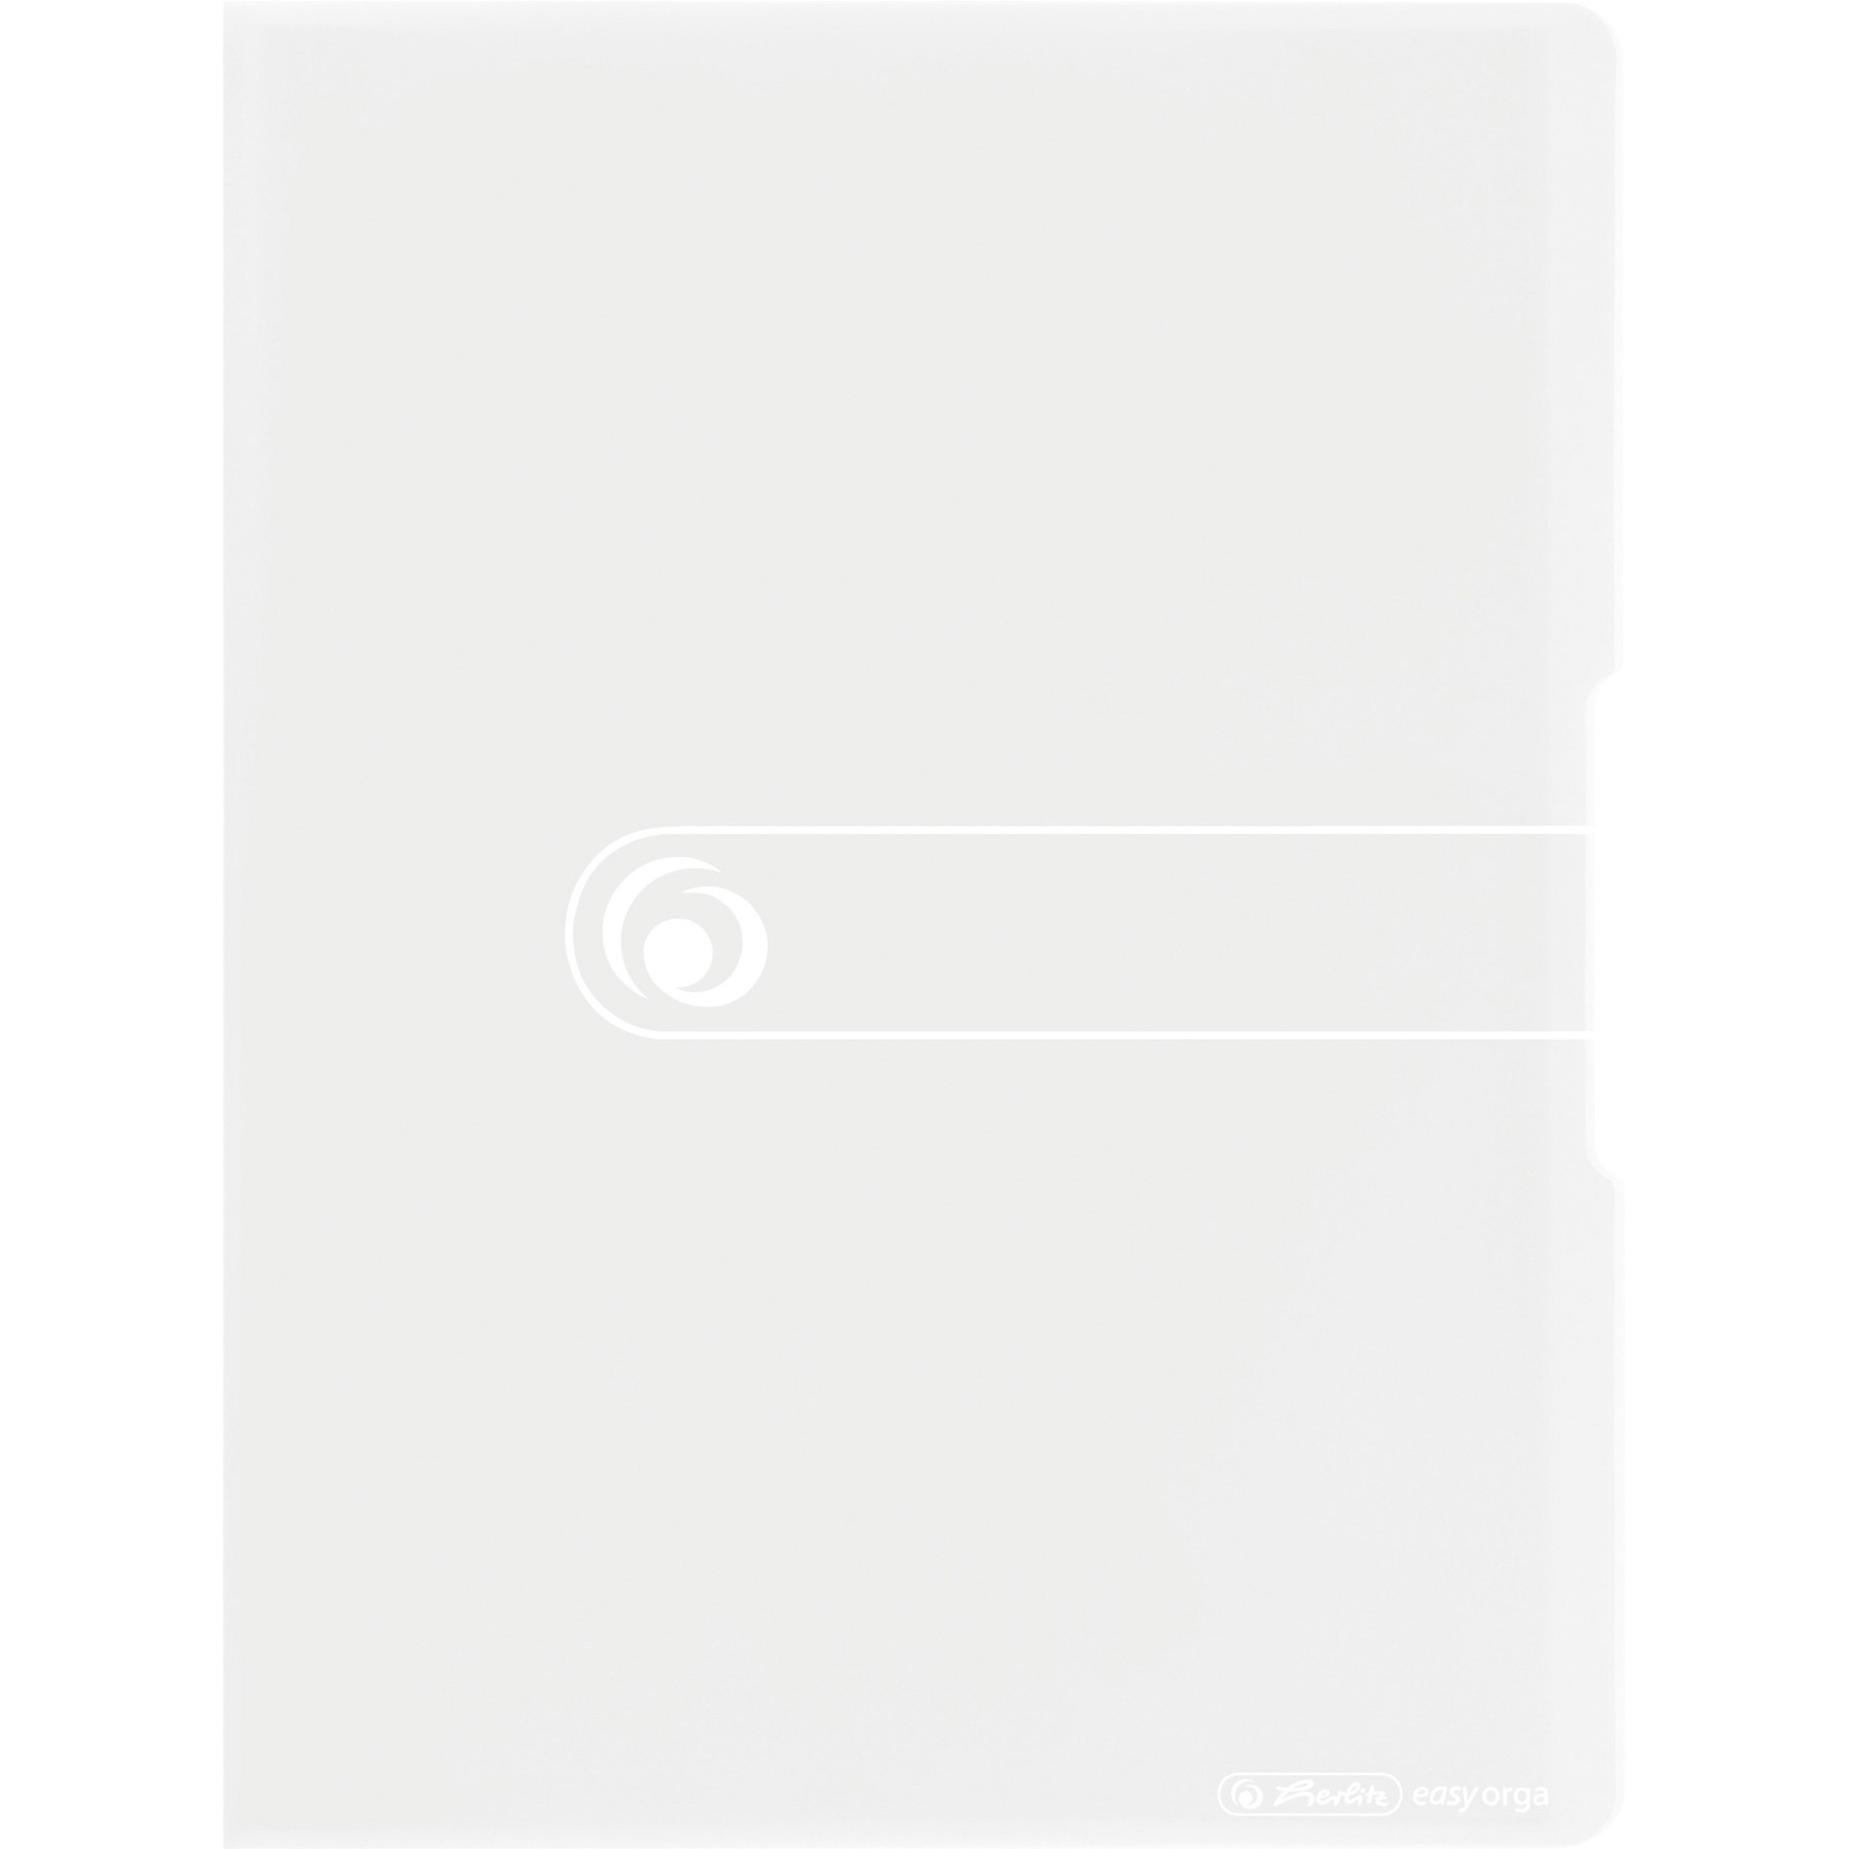 11207396 portafolio para presentaciones 20 bolsillos A4, Carpeta